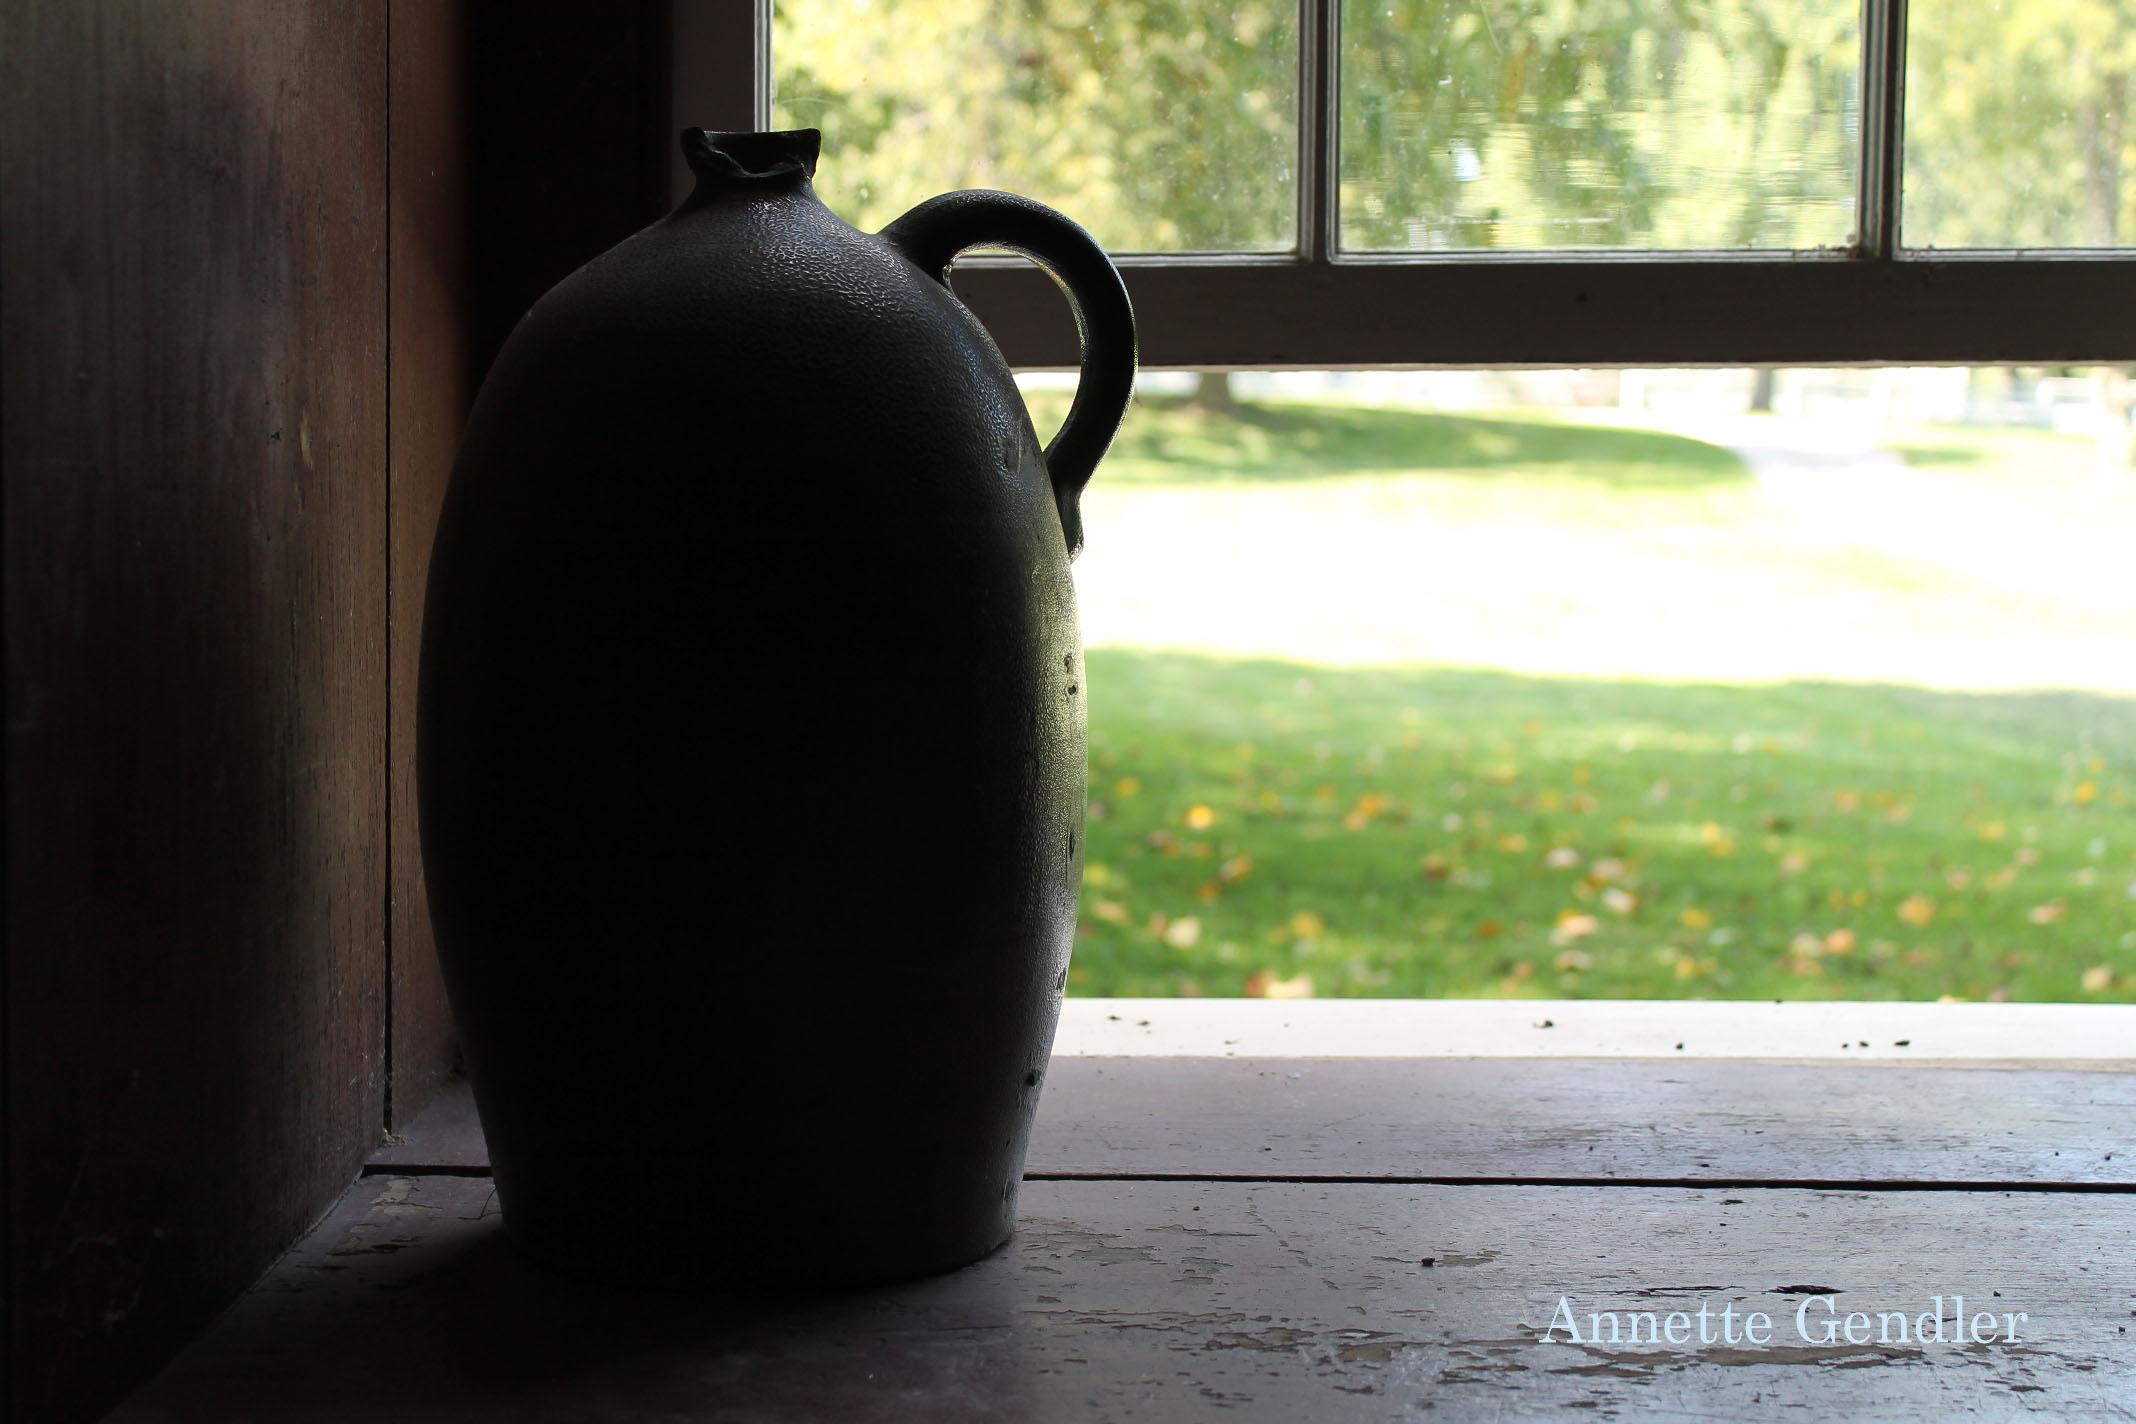 earthenware jug on window sill